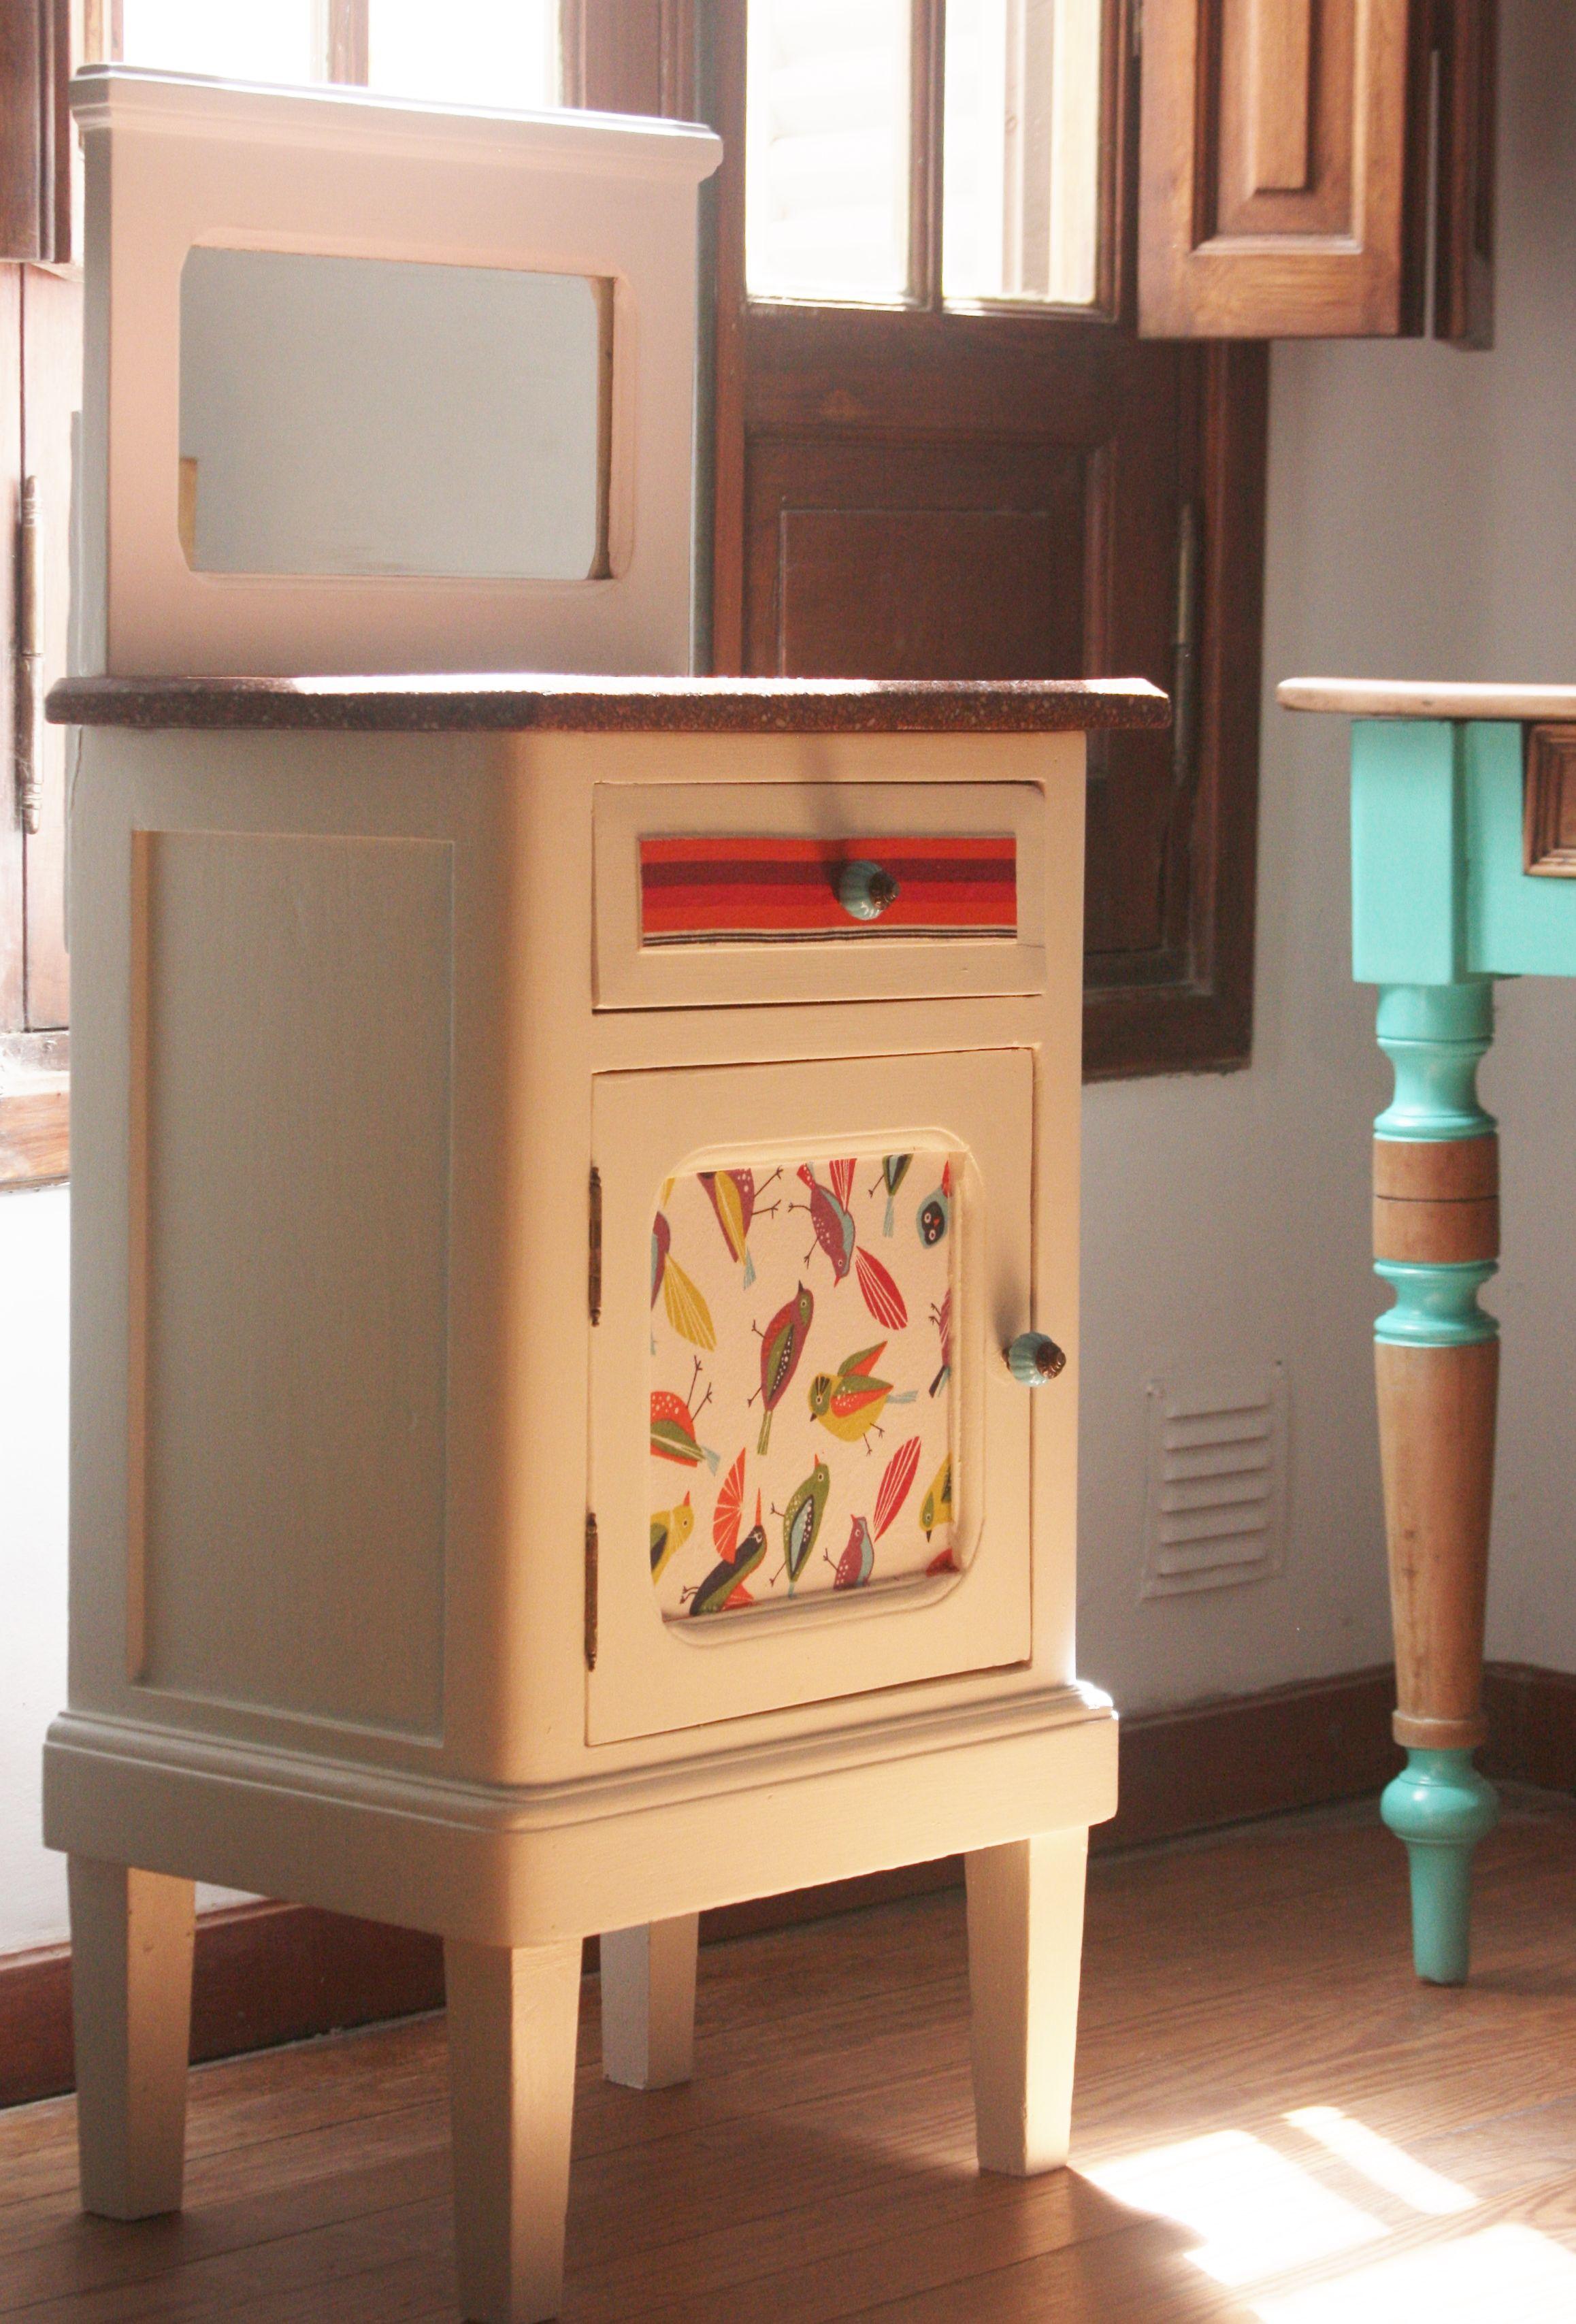 Vade Retro. Restauración de muebles. Muebles pintados. Muebles intervenidos. Antes y después. Mesita de luz entelada. Mesita de luz reciclada.